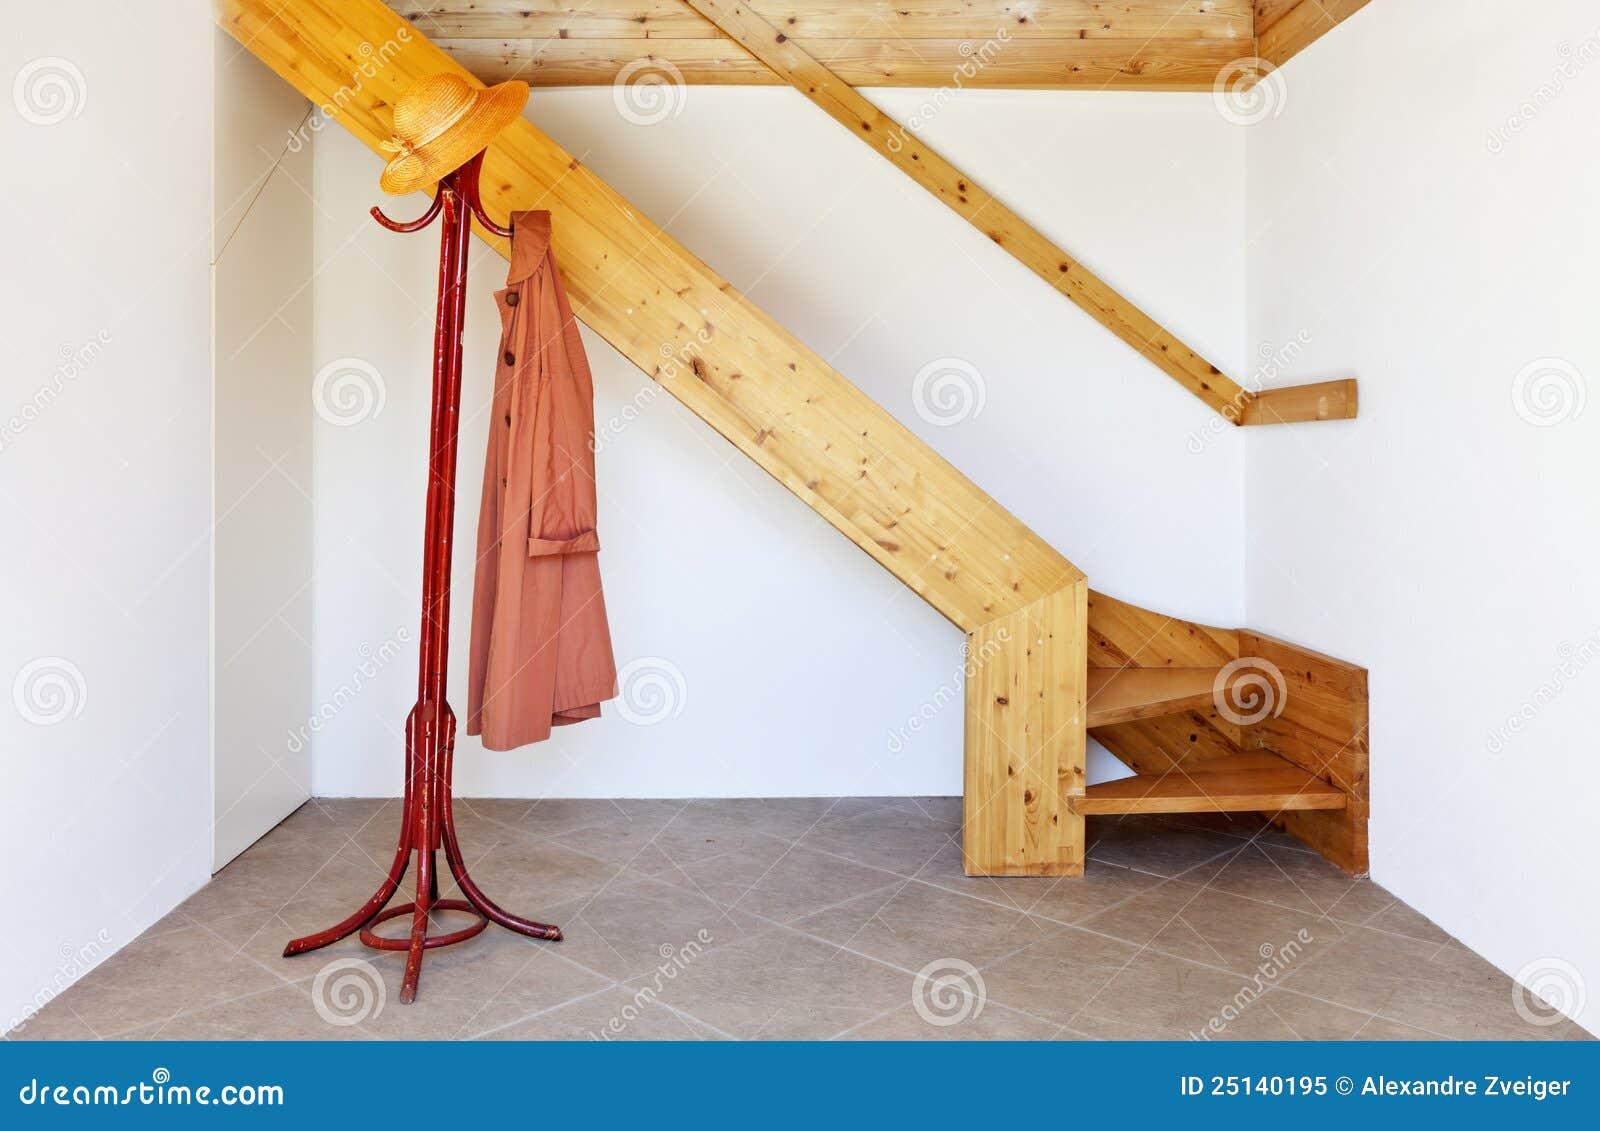 Interior escalera de madera imagen de archivo imagen for Escaleras de madera interior precio